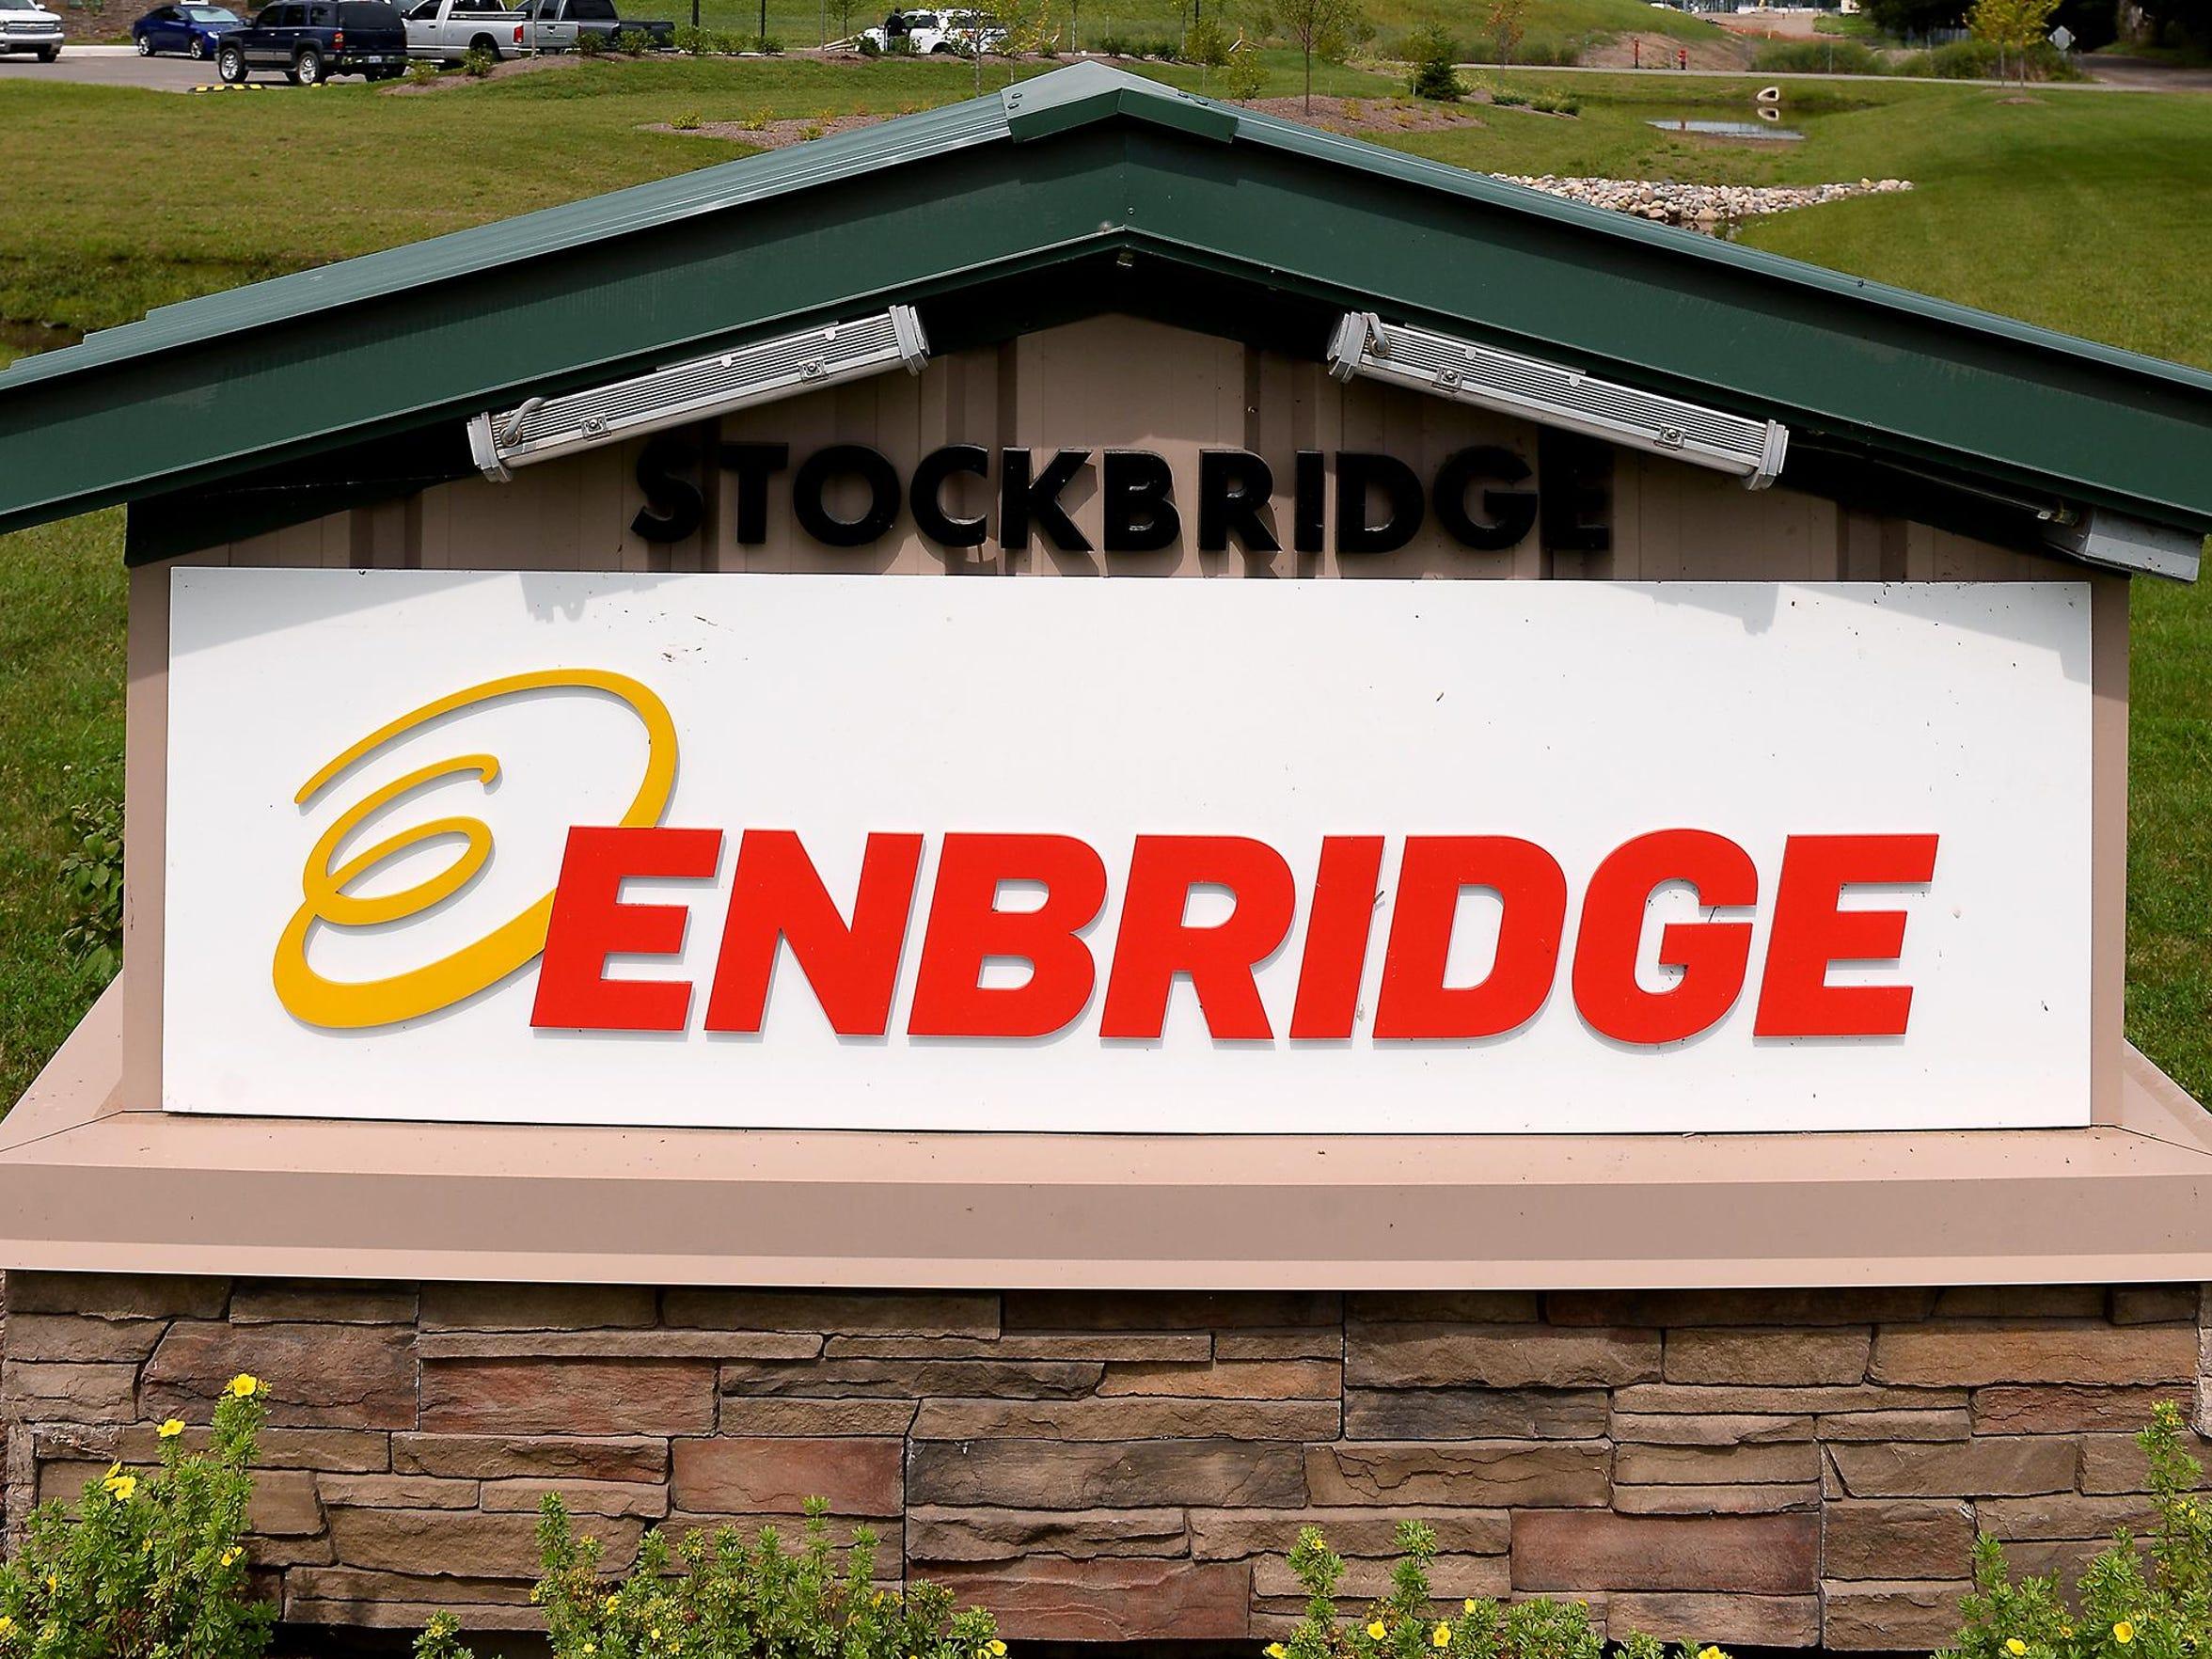 Enbridge sidesteps zoning for Stockbridge tank farm expansion